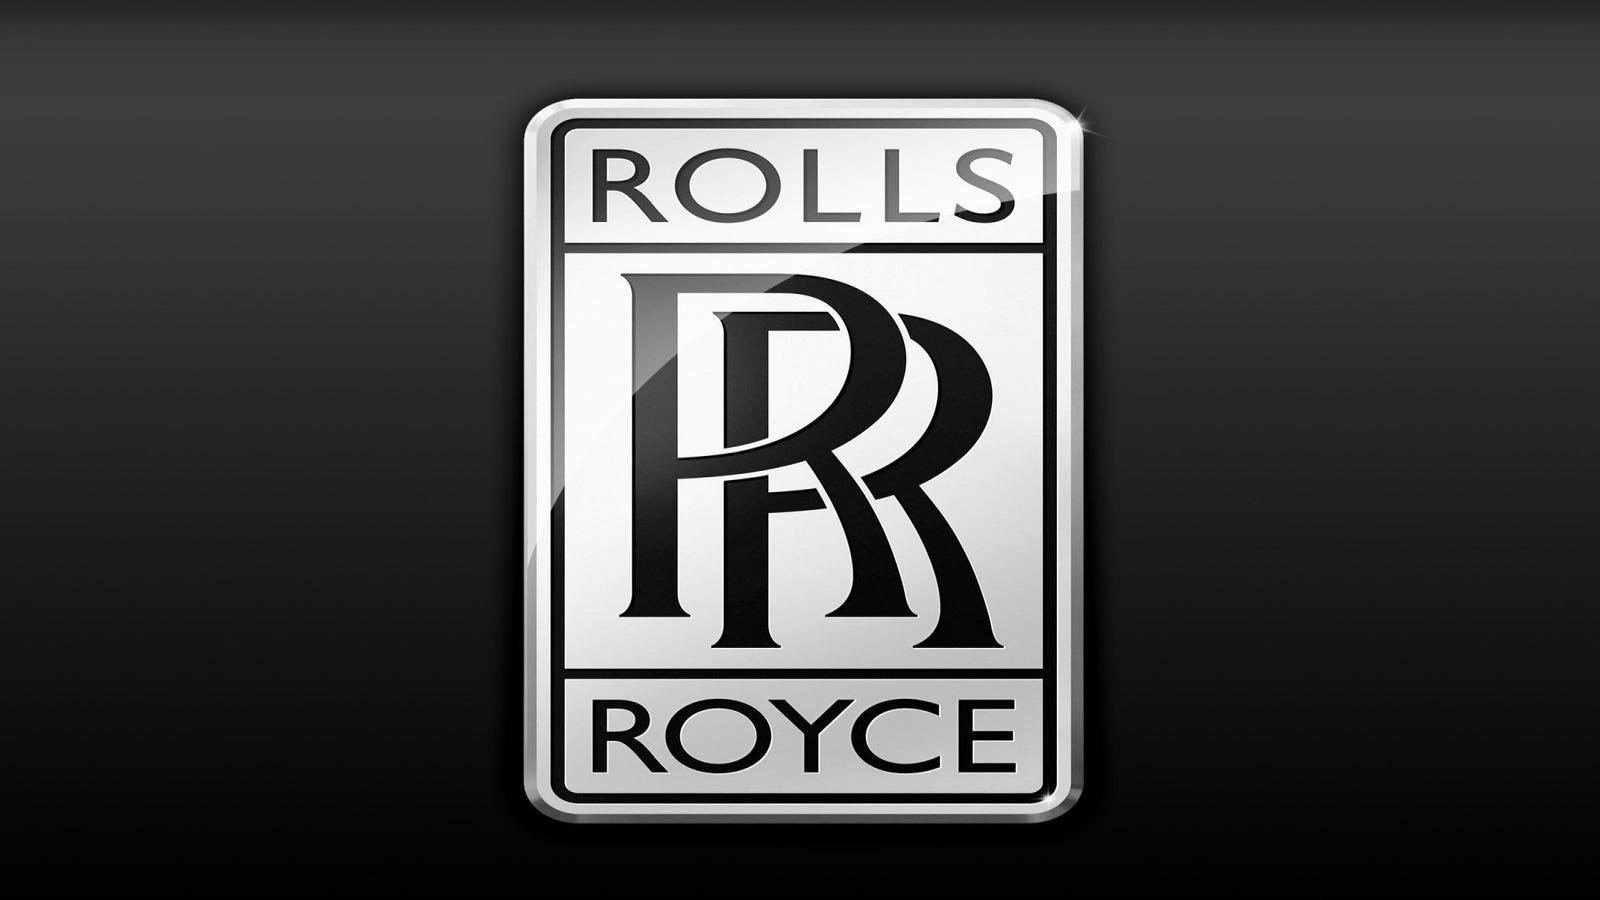 rolls royce logo - HD1600×900